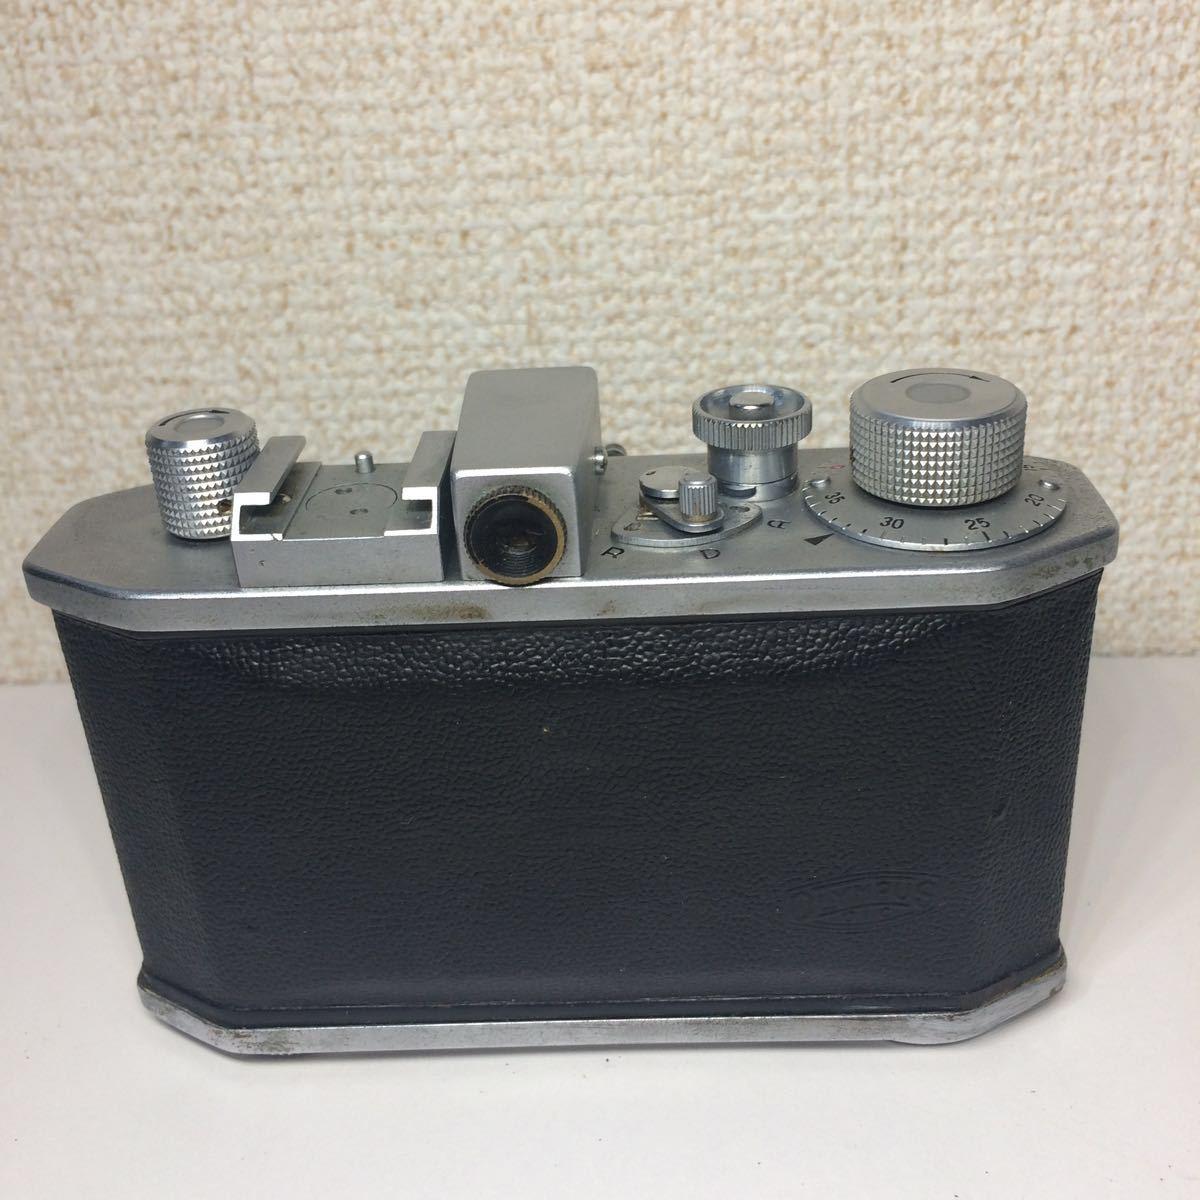 オリンパス OLYMPUS 35 コパル COPAL レンズ Zuiko F.C. 1:3.5 f=4cm ケース付 860681 mn0408_画像4